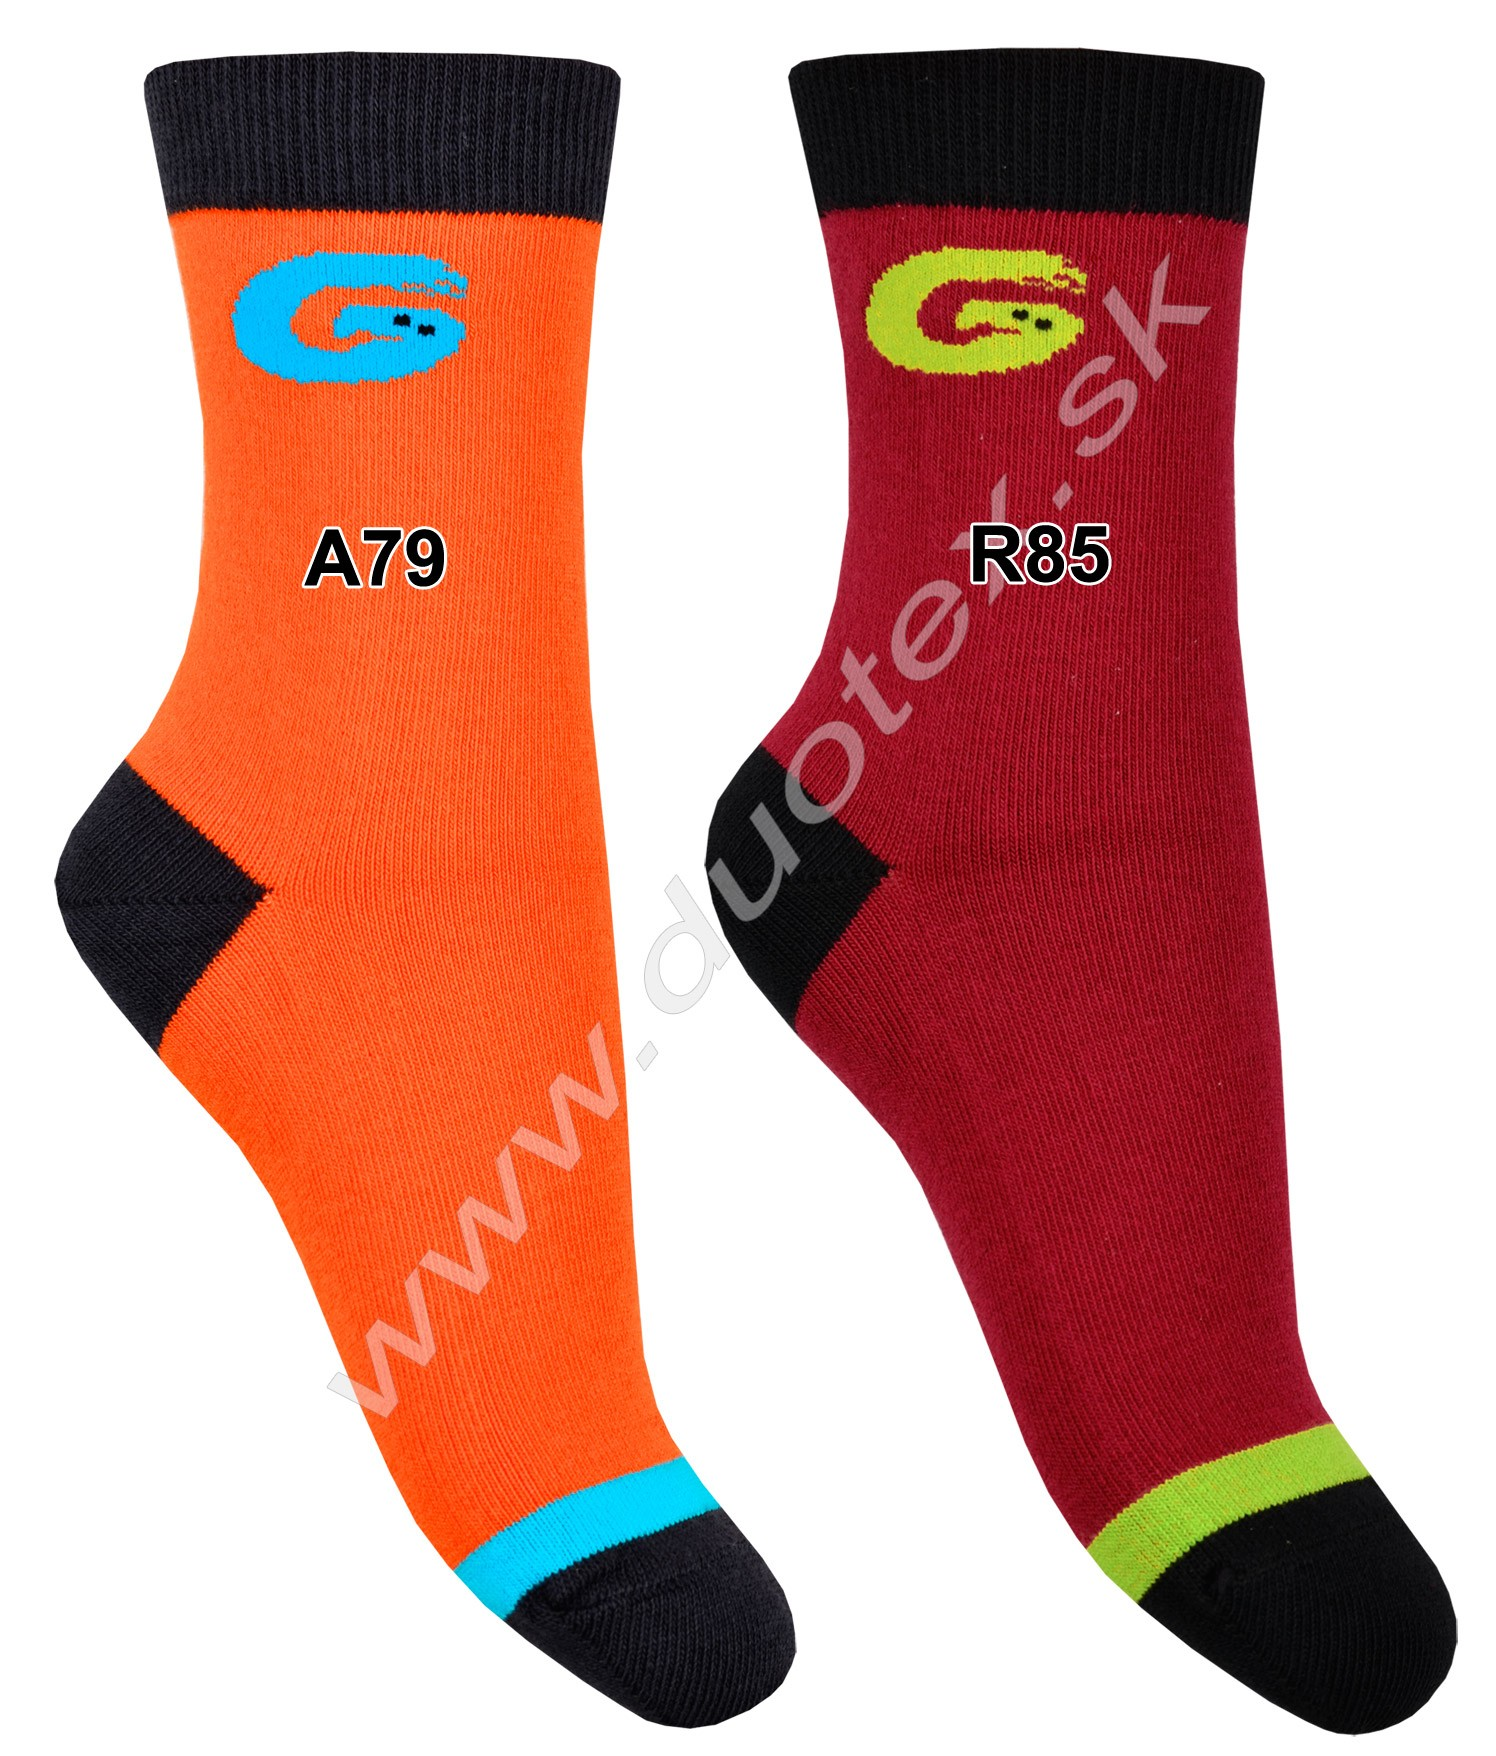 Detské ponožky g34.n01-vz.711